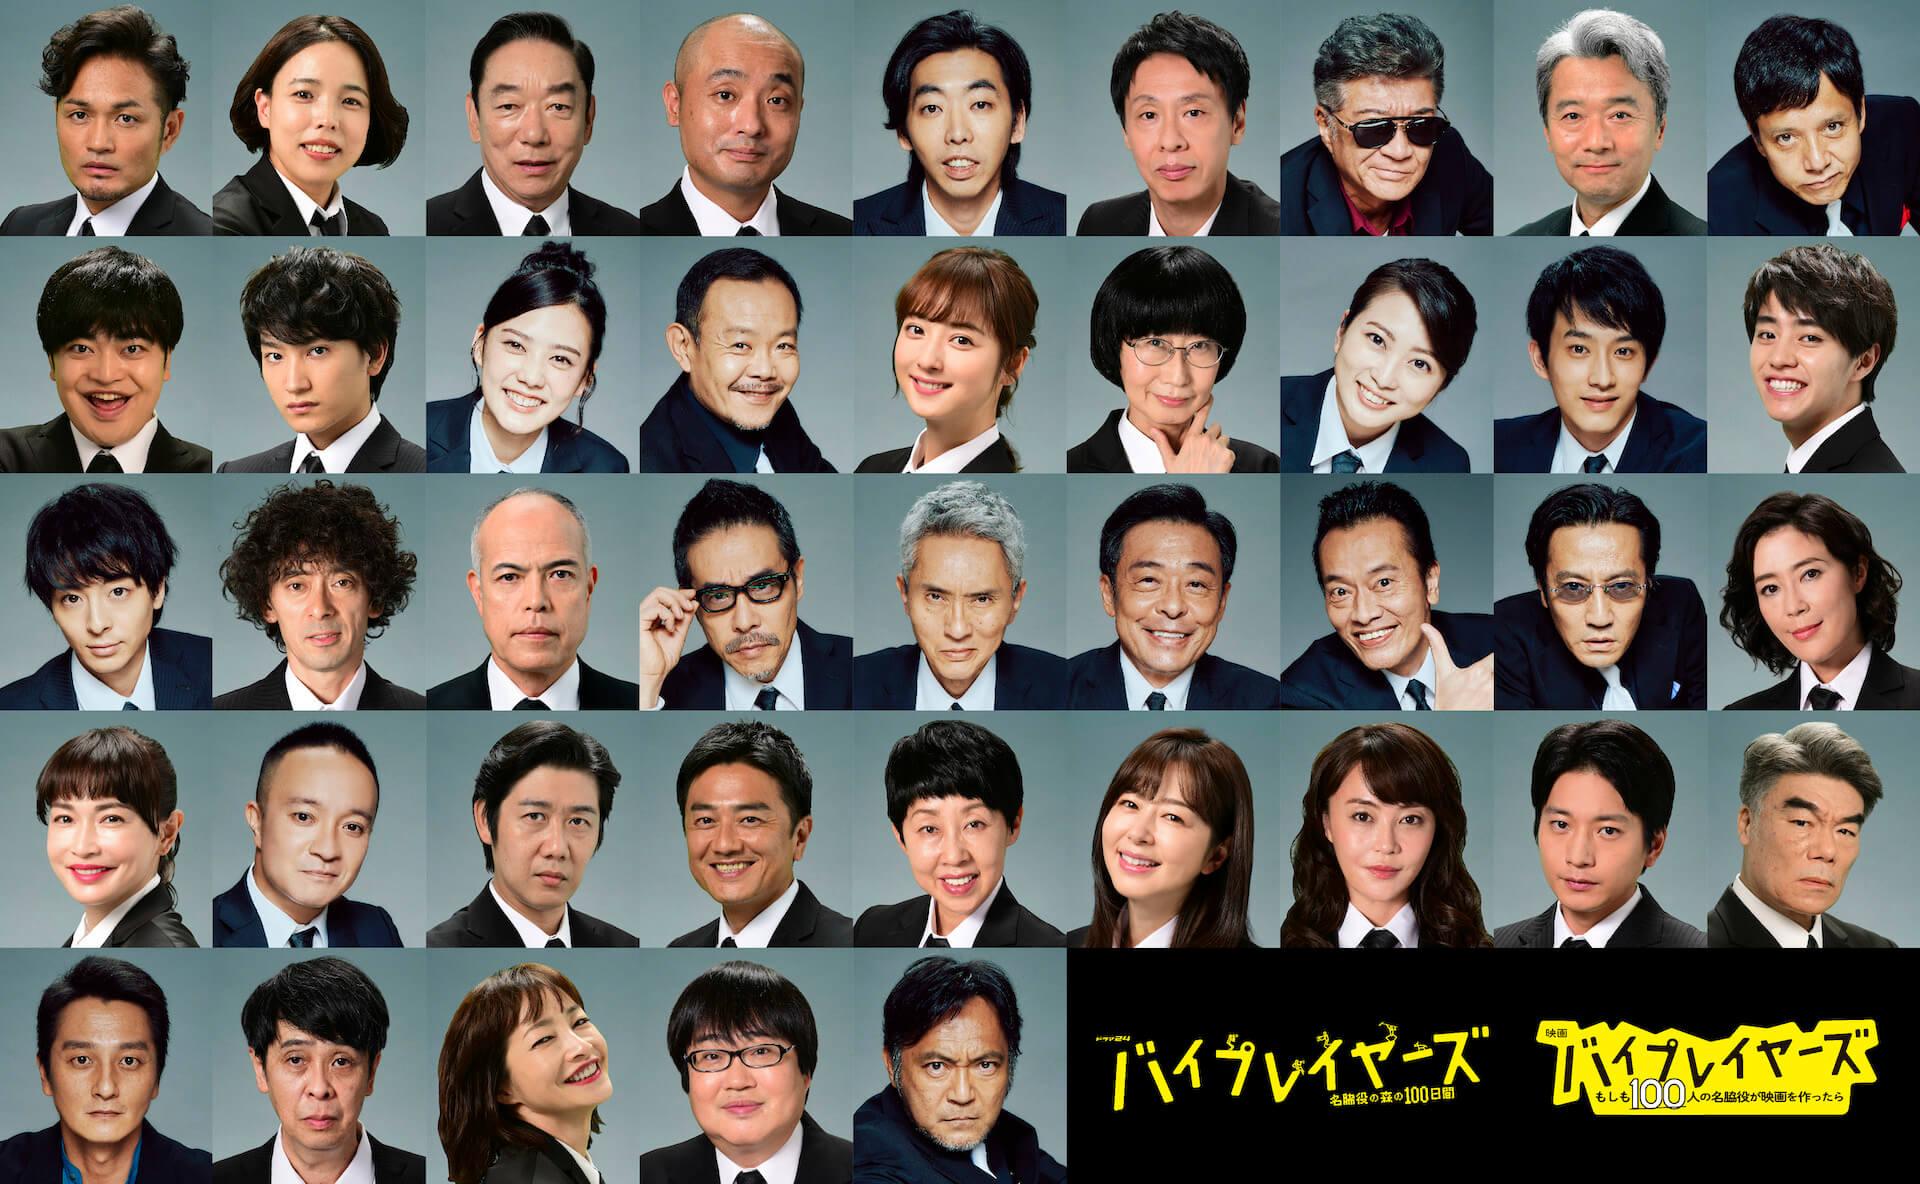 『バイプレイヤーズ』の第3弾キャストとして野間口徹、前田敦子、速水もこみちら22名が一挙解禁!新ドラマ主題歌を10-FEETが担当 film201218_byplayers-04